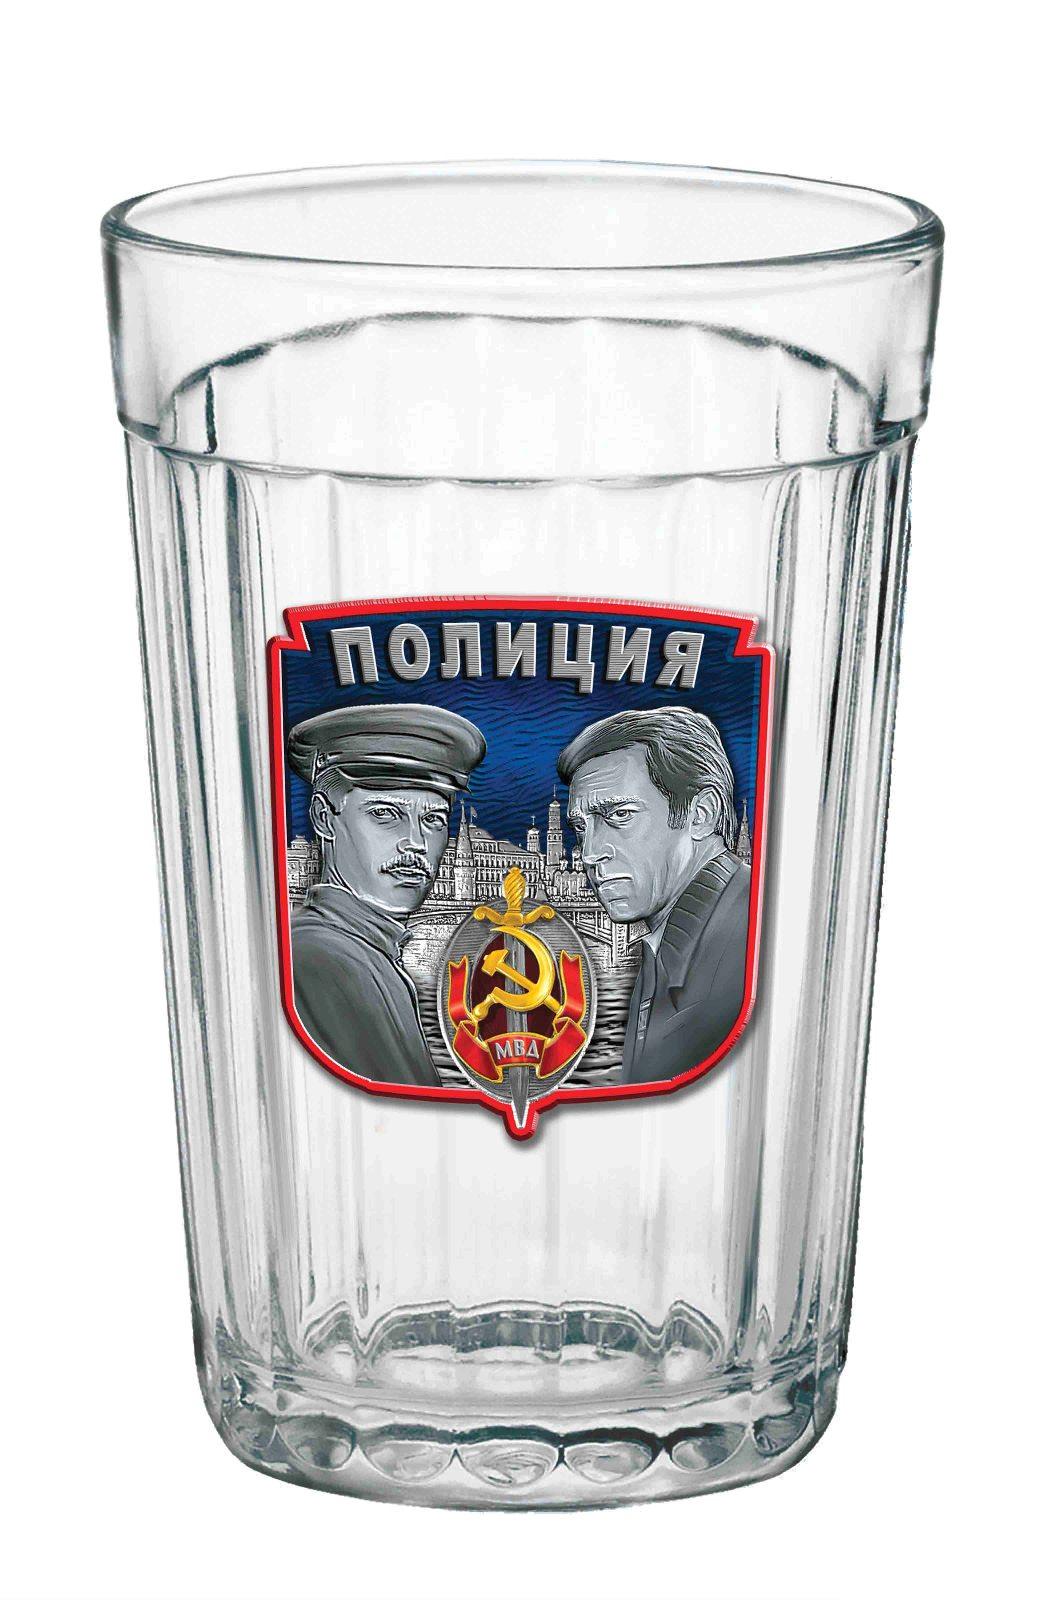 Заказать стакан подарочный Полиция по привлекательной цене